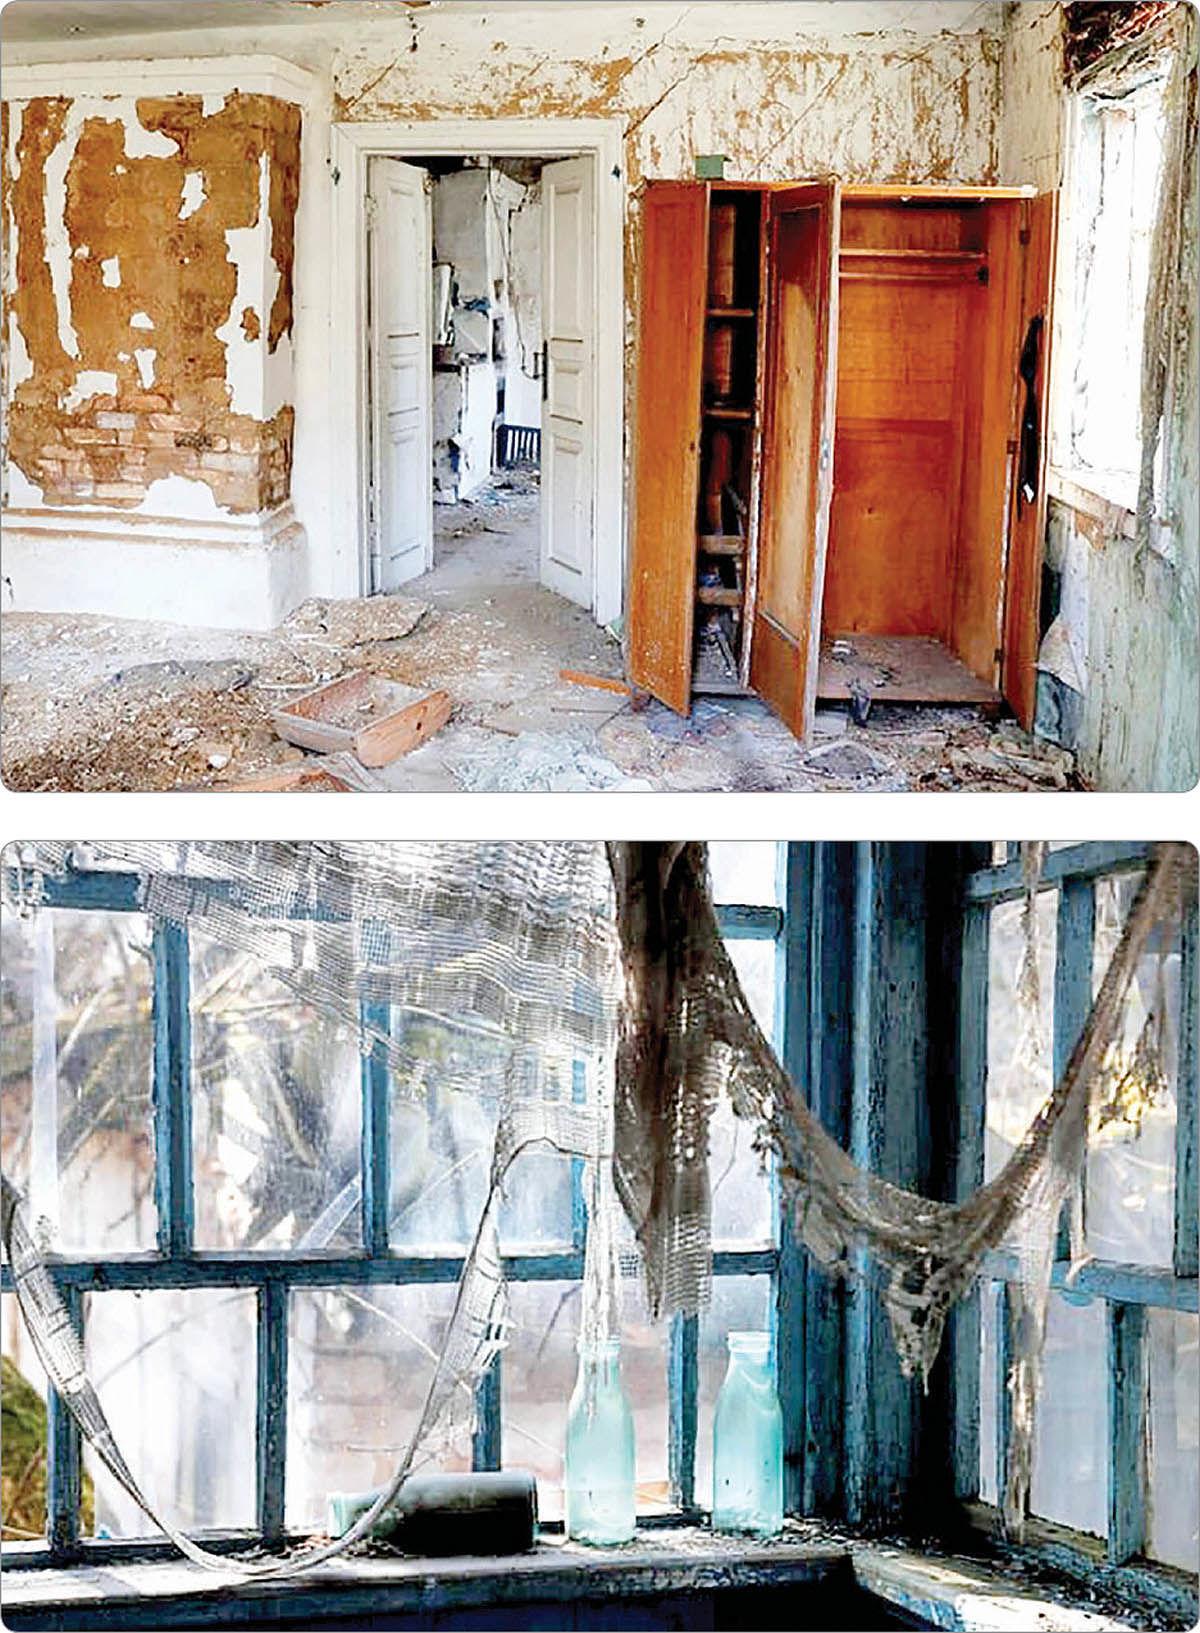 روایت فاجعه چرنوبیل در عکسها